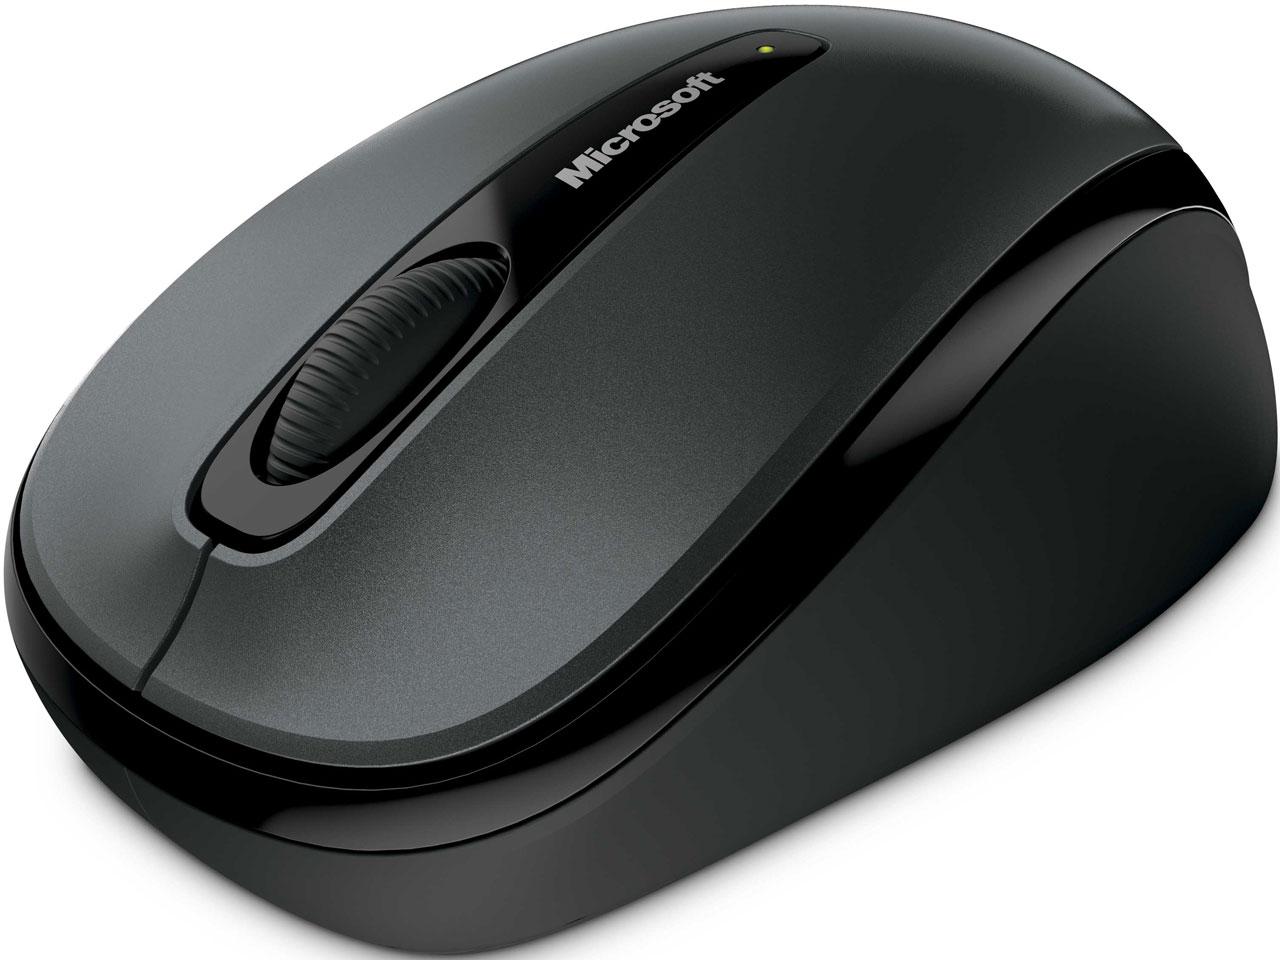 『本体 上面』 Wireless Mobile Mouse 3500 GMF-00298 [ユーロ シルバー] の製品画像